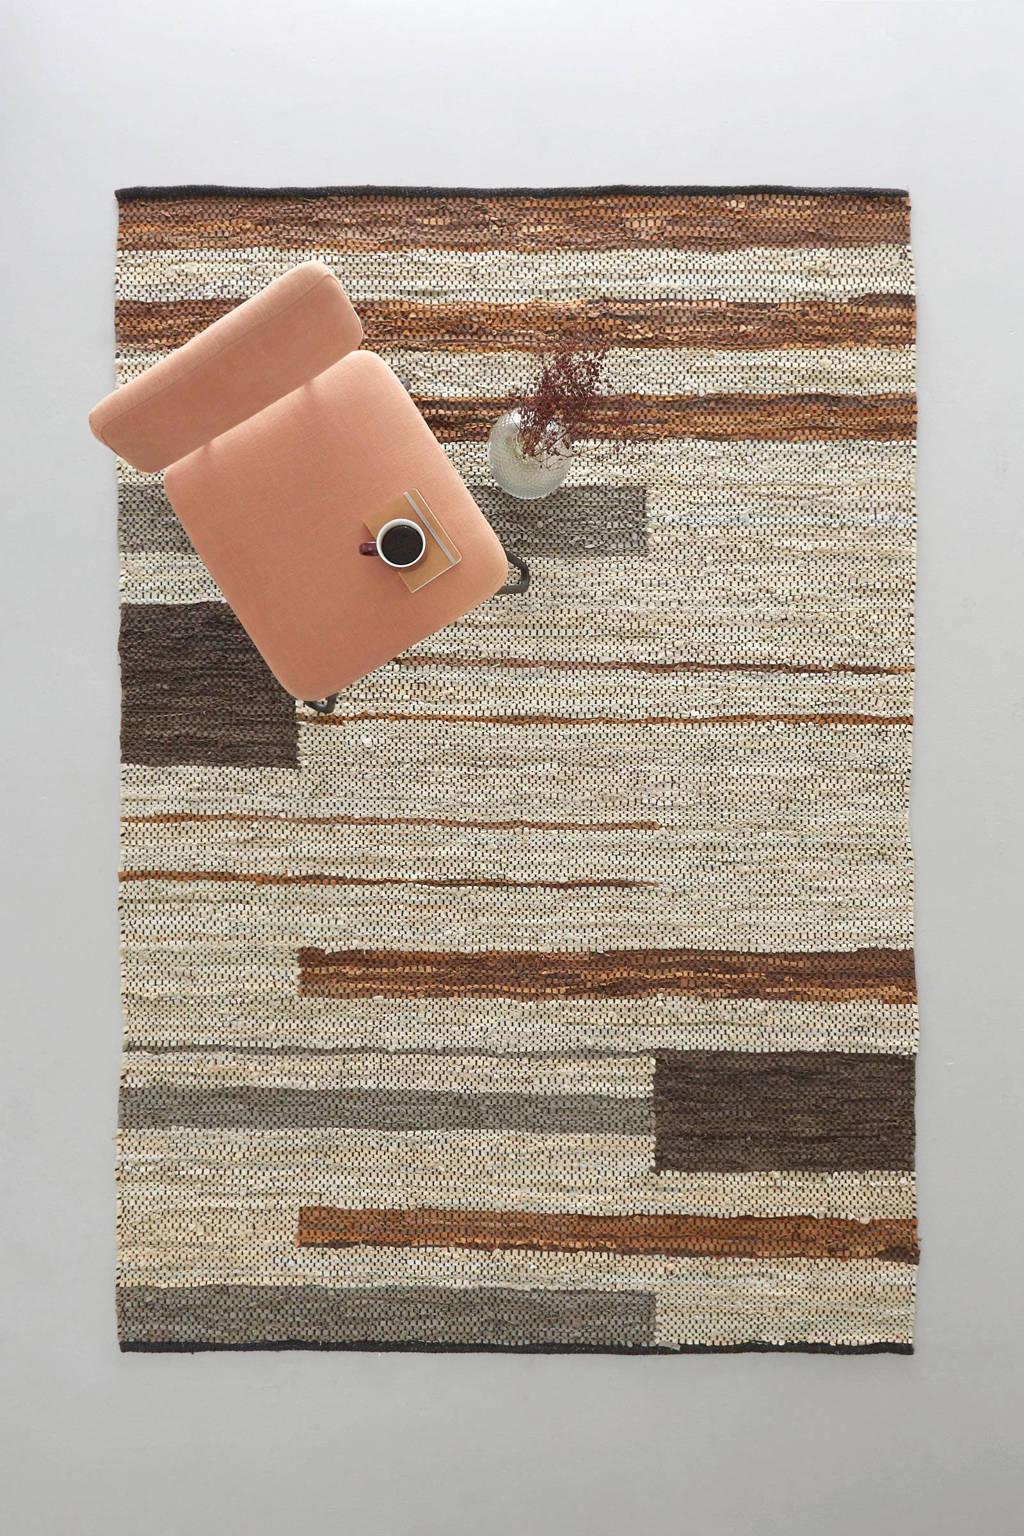 whkmp's own vloerkleed Siem (leer)  (230x160 cm), Bruin